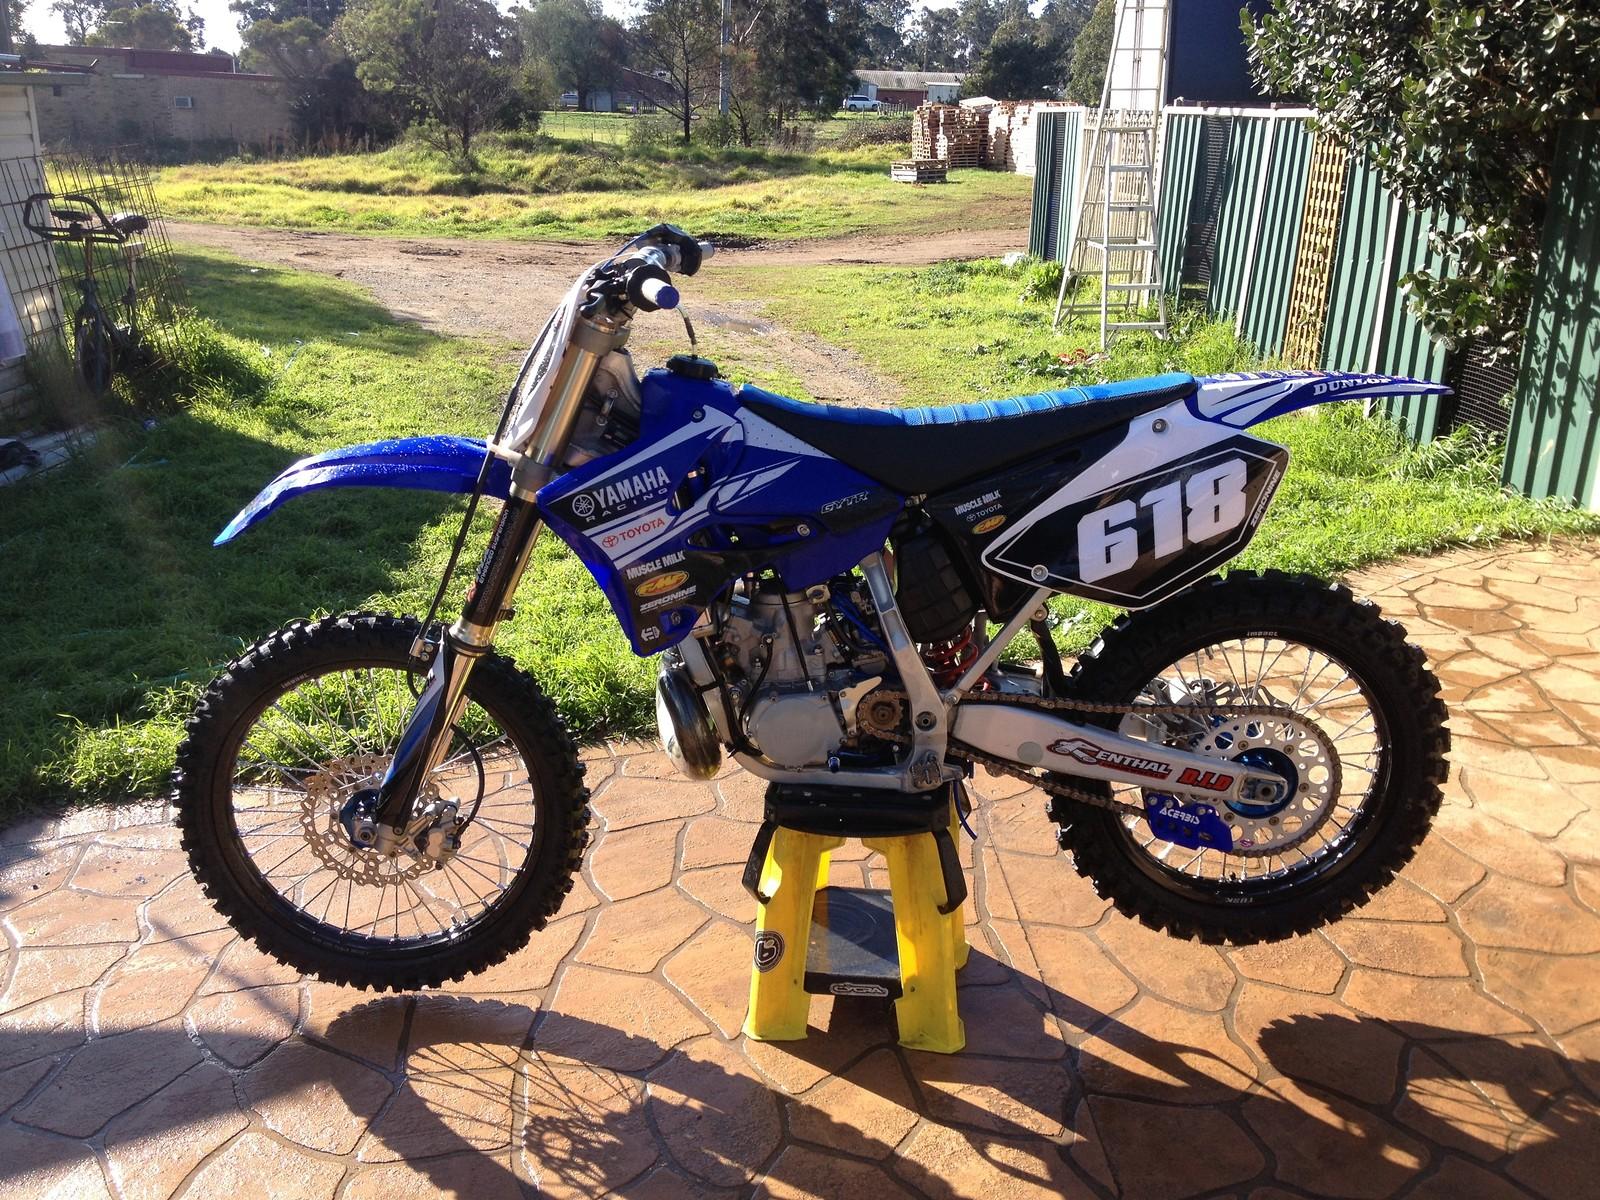 68's Yamaha